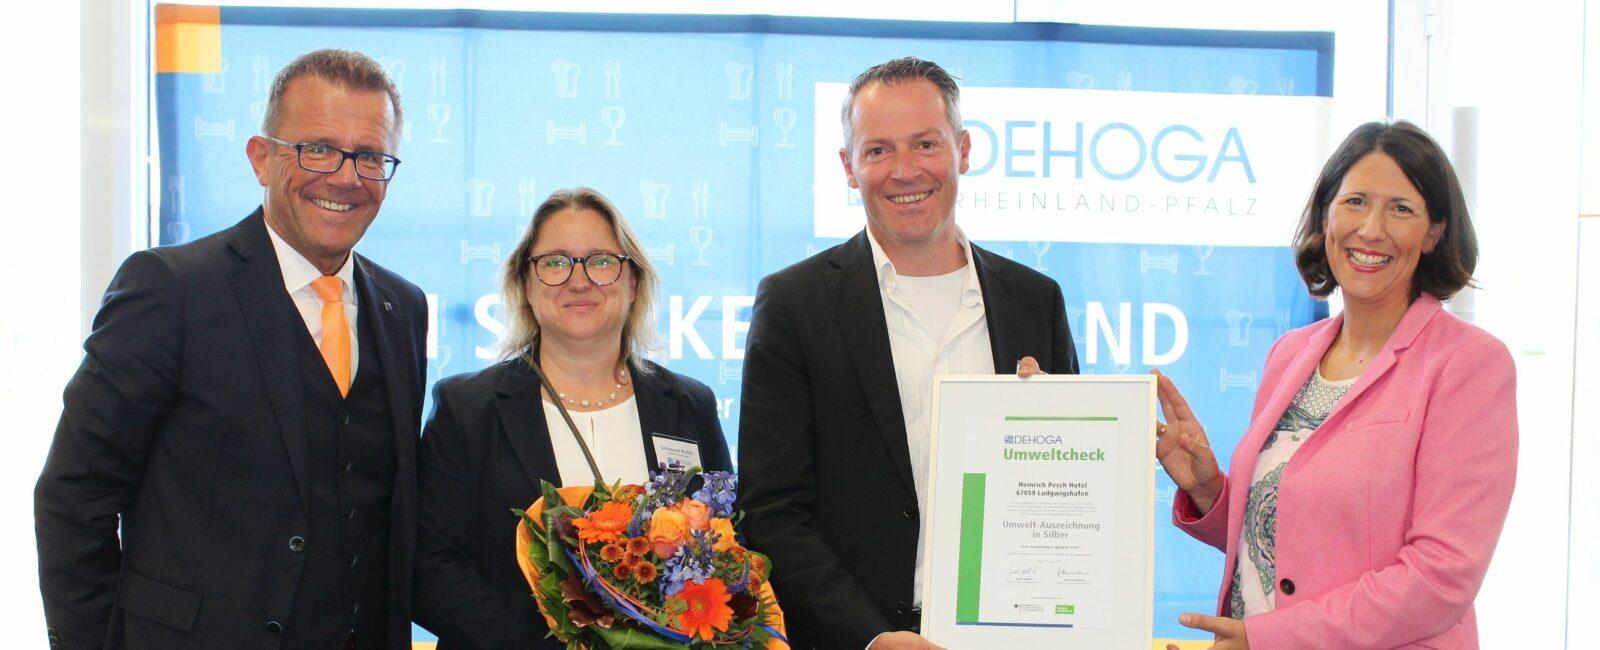 Auszeichnung für umweltbewusstes und nachhaltiges Handeln